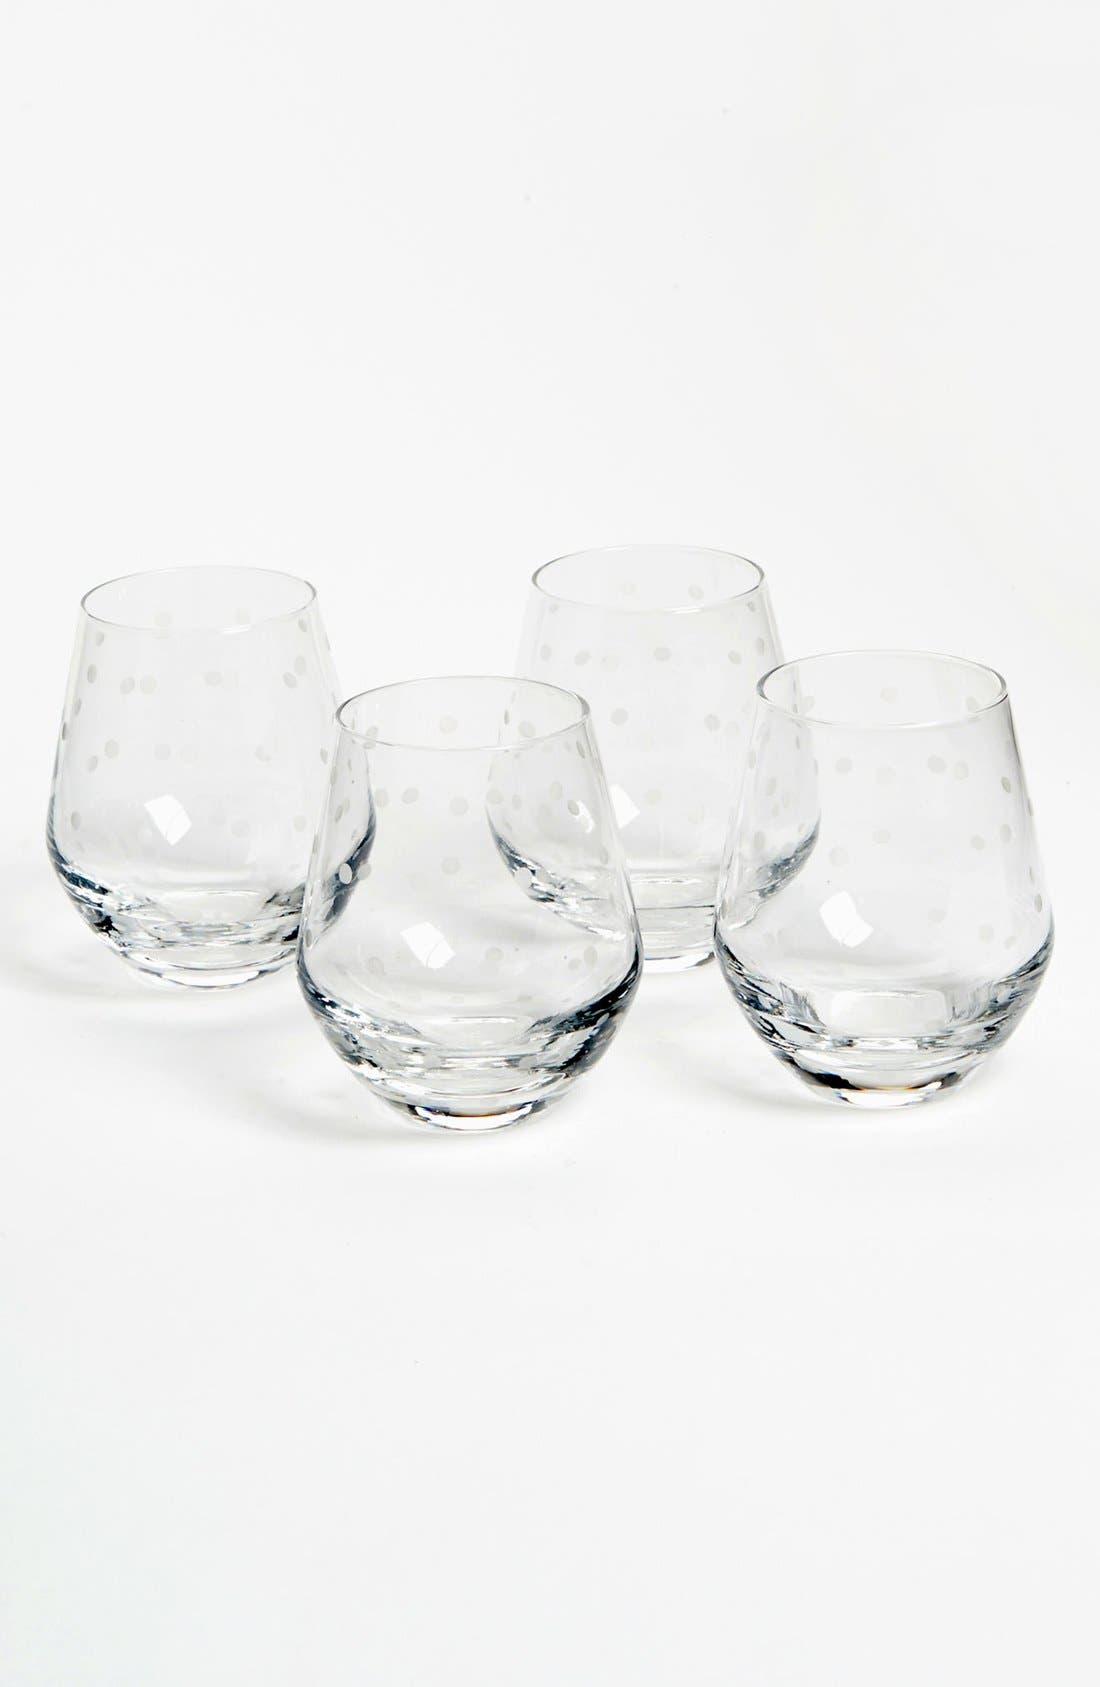 Alternate Image 1 Selected - kate spade new york 'larabee dot' stemless white wine glasses (Set of 4)